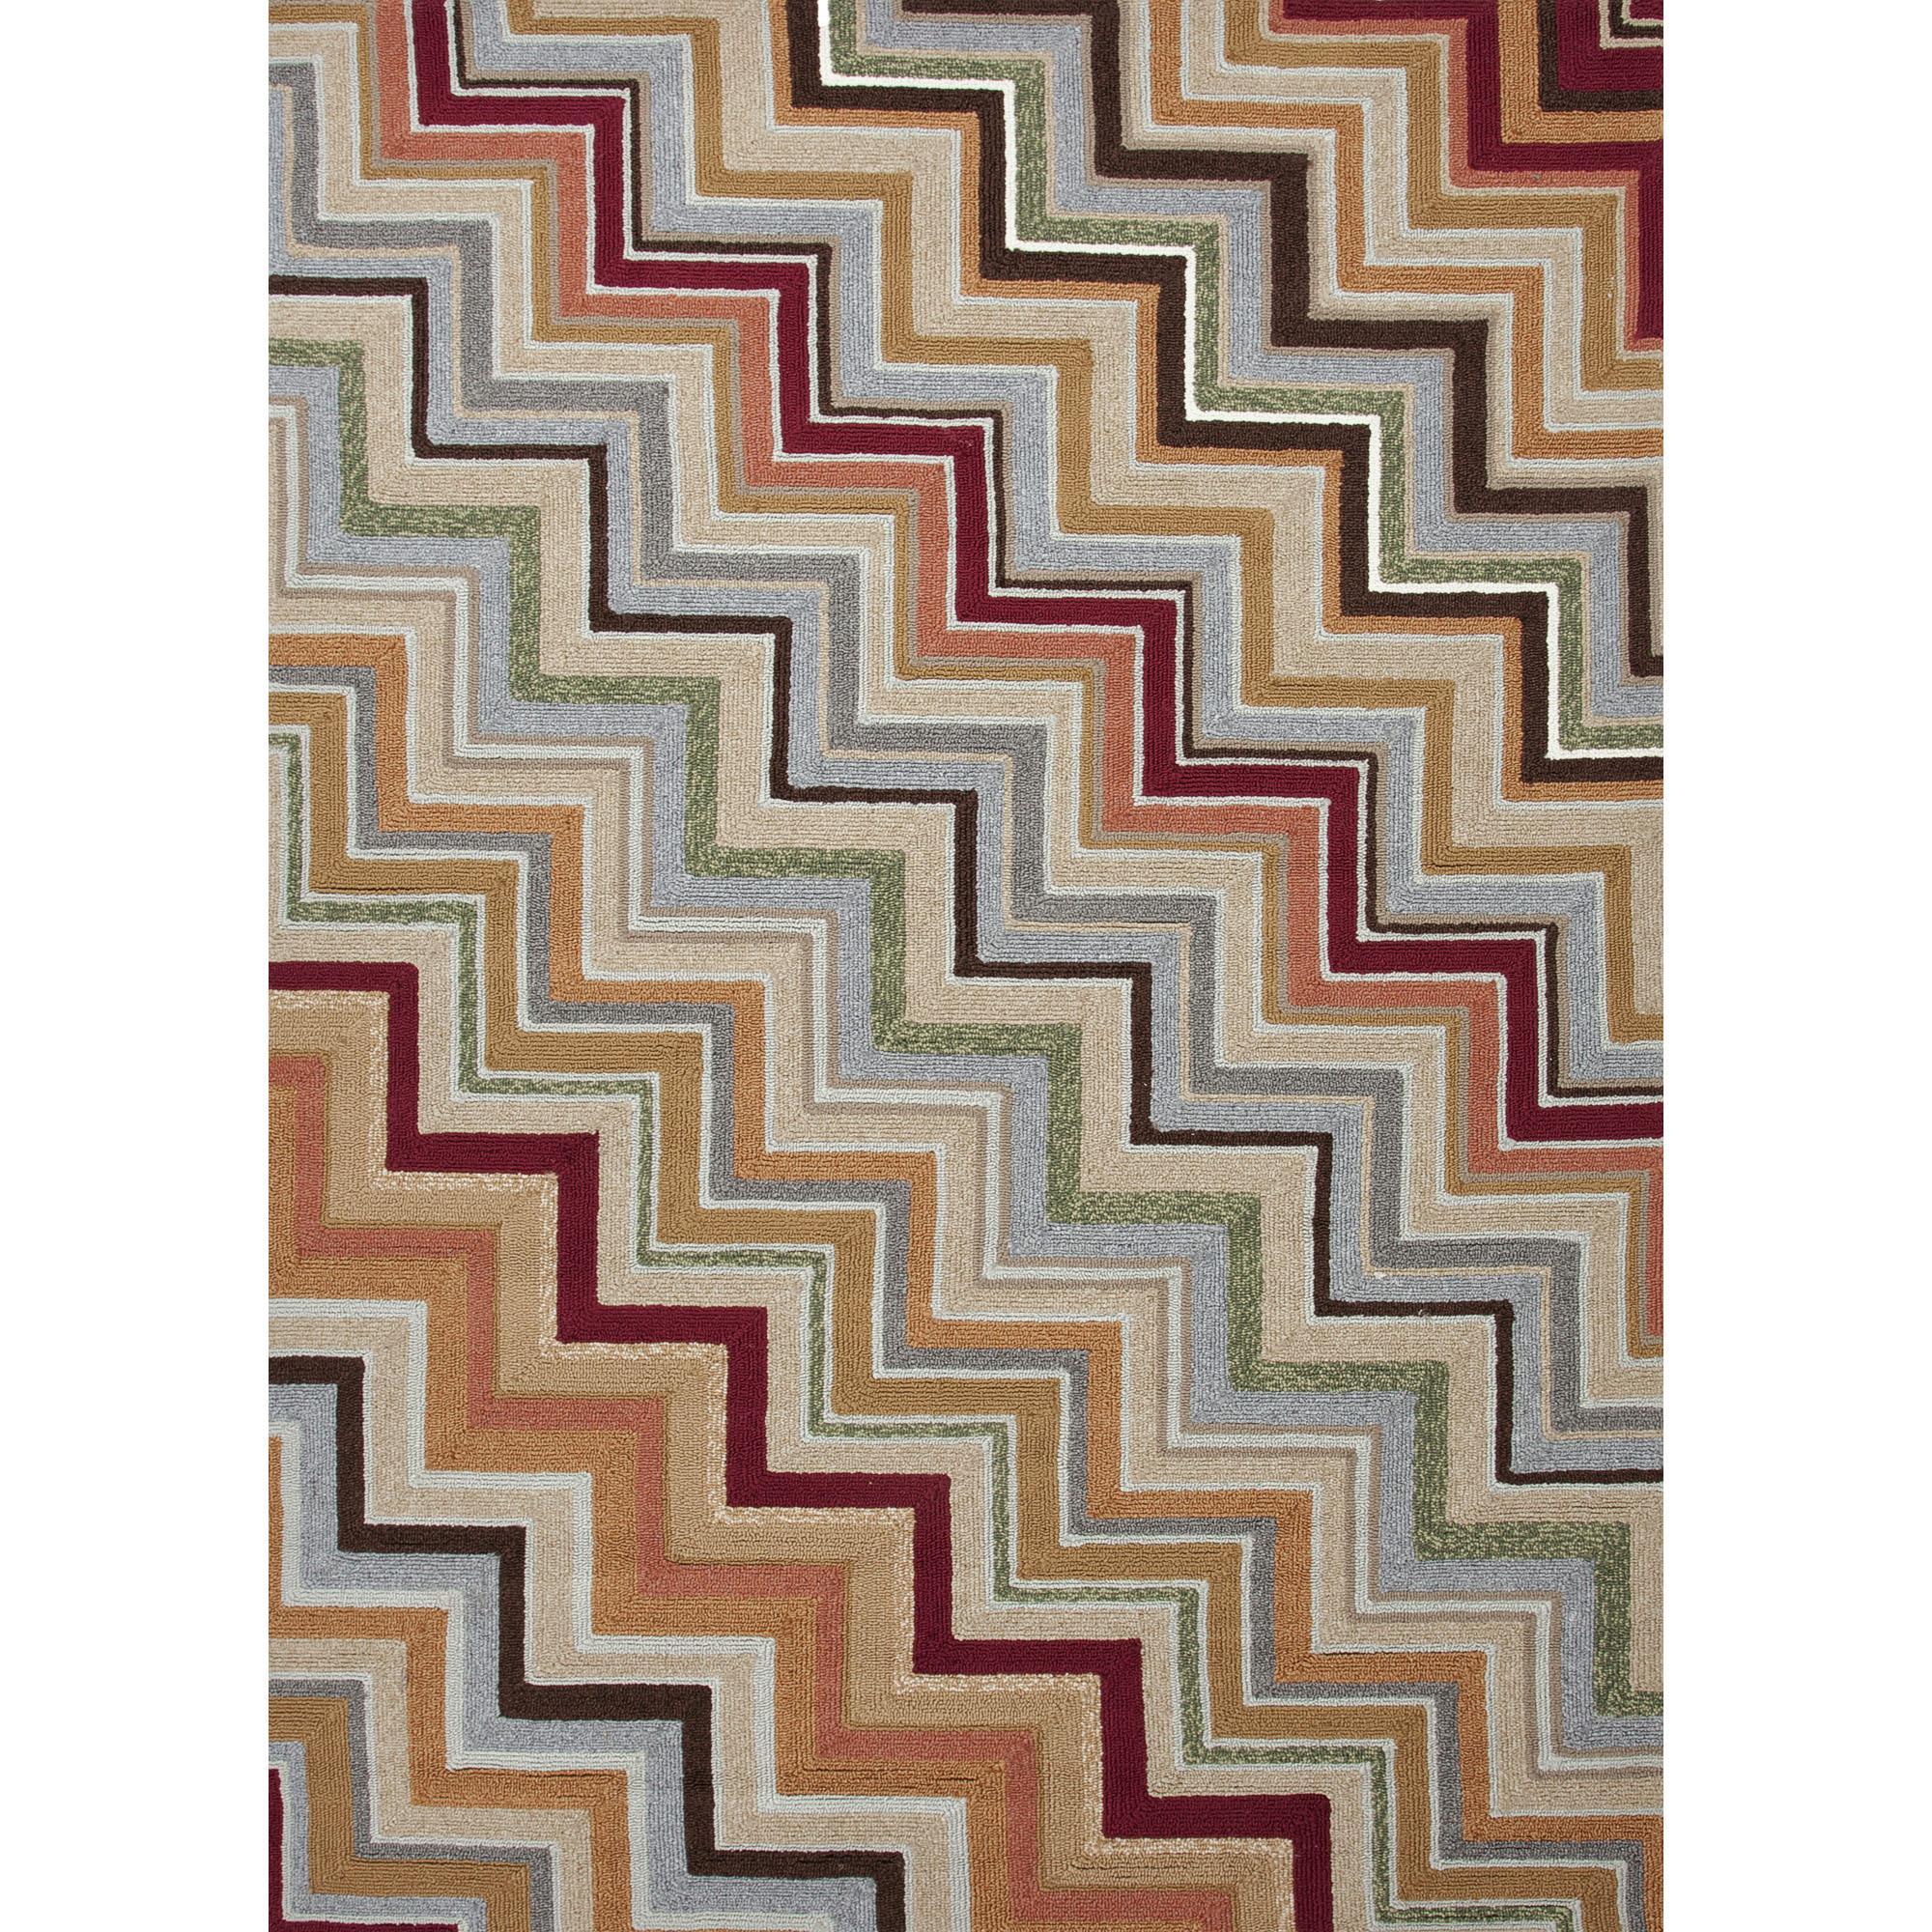 JAIPUR Rugs Colours 7.6 x 9.6 Rug - Item Number: RUG101269